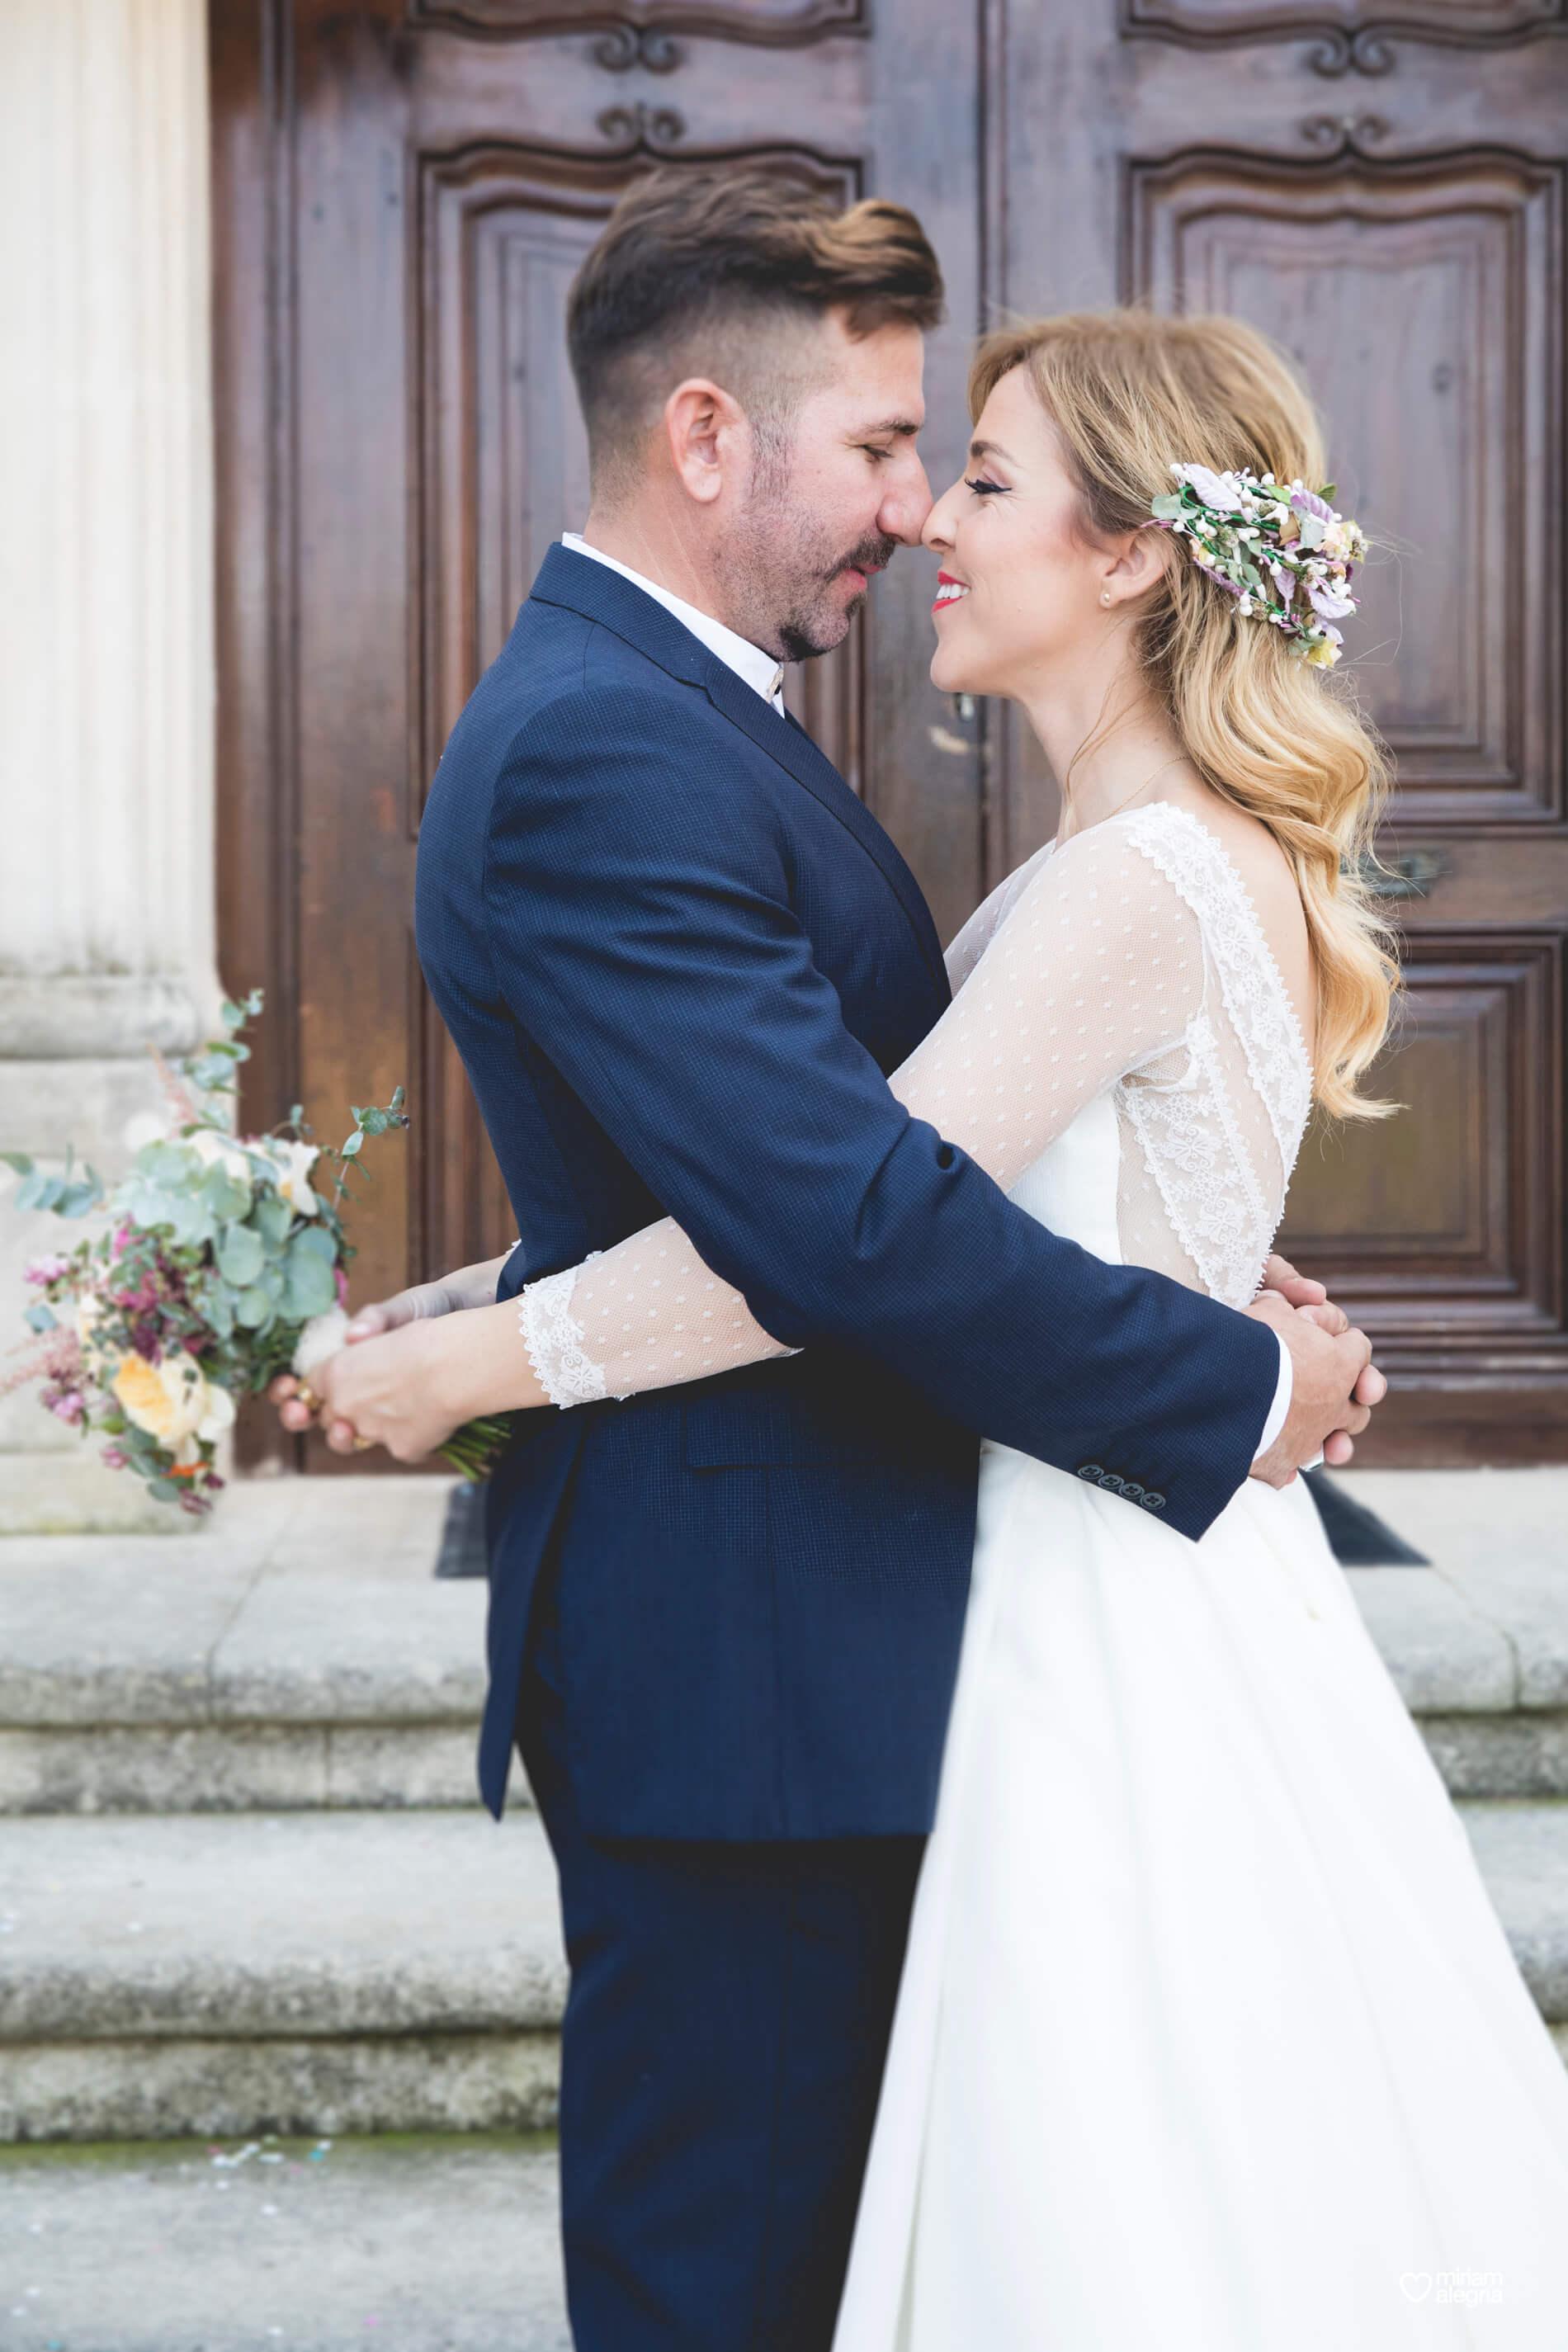 boda-en-finca-villa-vera-de-alemc7-miriam-alegria-fotografos-boda-murcia-113